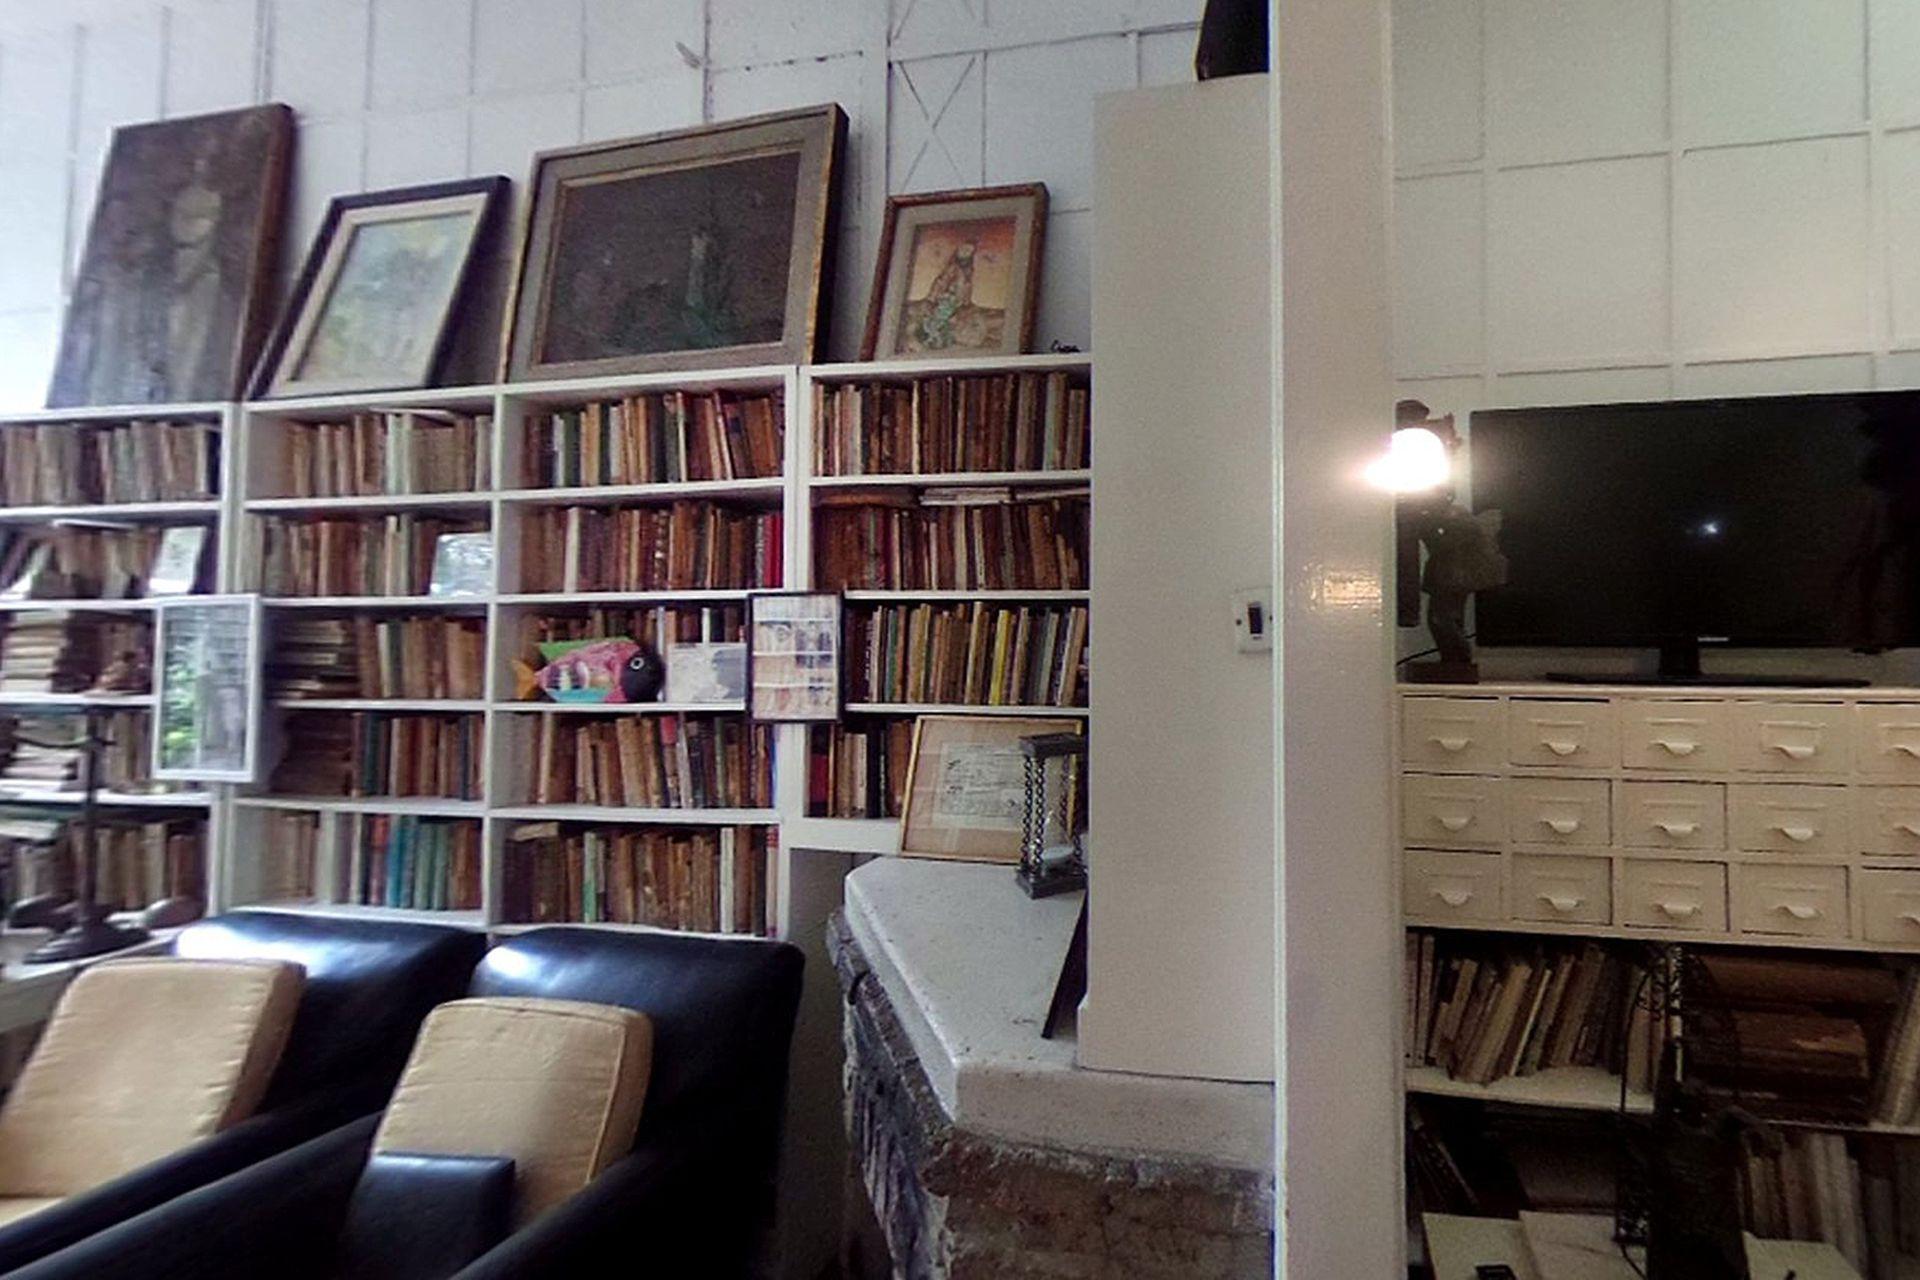 Interior de la vivienda de Ernesto Sabato en Santos Lugares, que se puede visitar en un recorrido virtual guiado por su nieto en Facebook.com/Casadesabato/